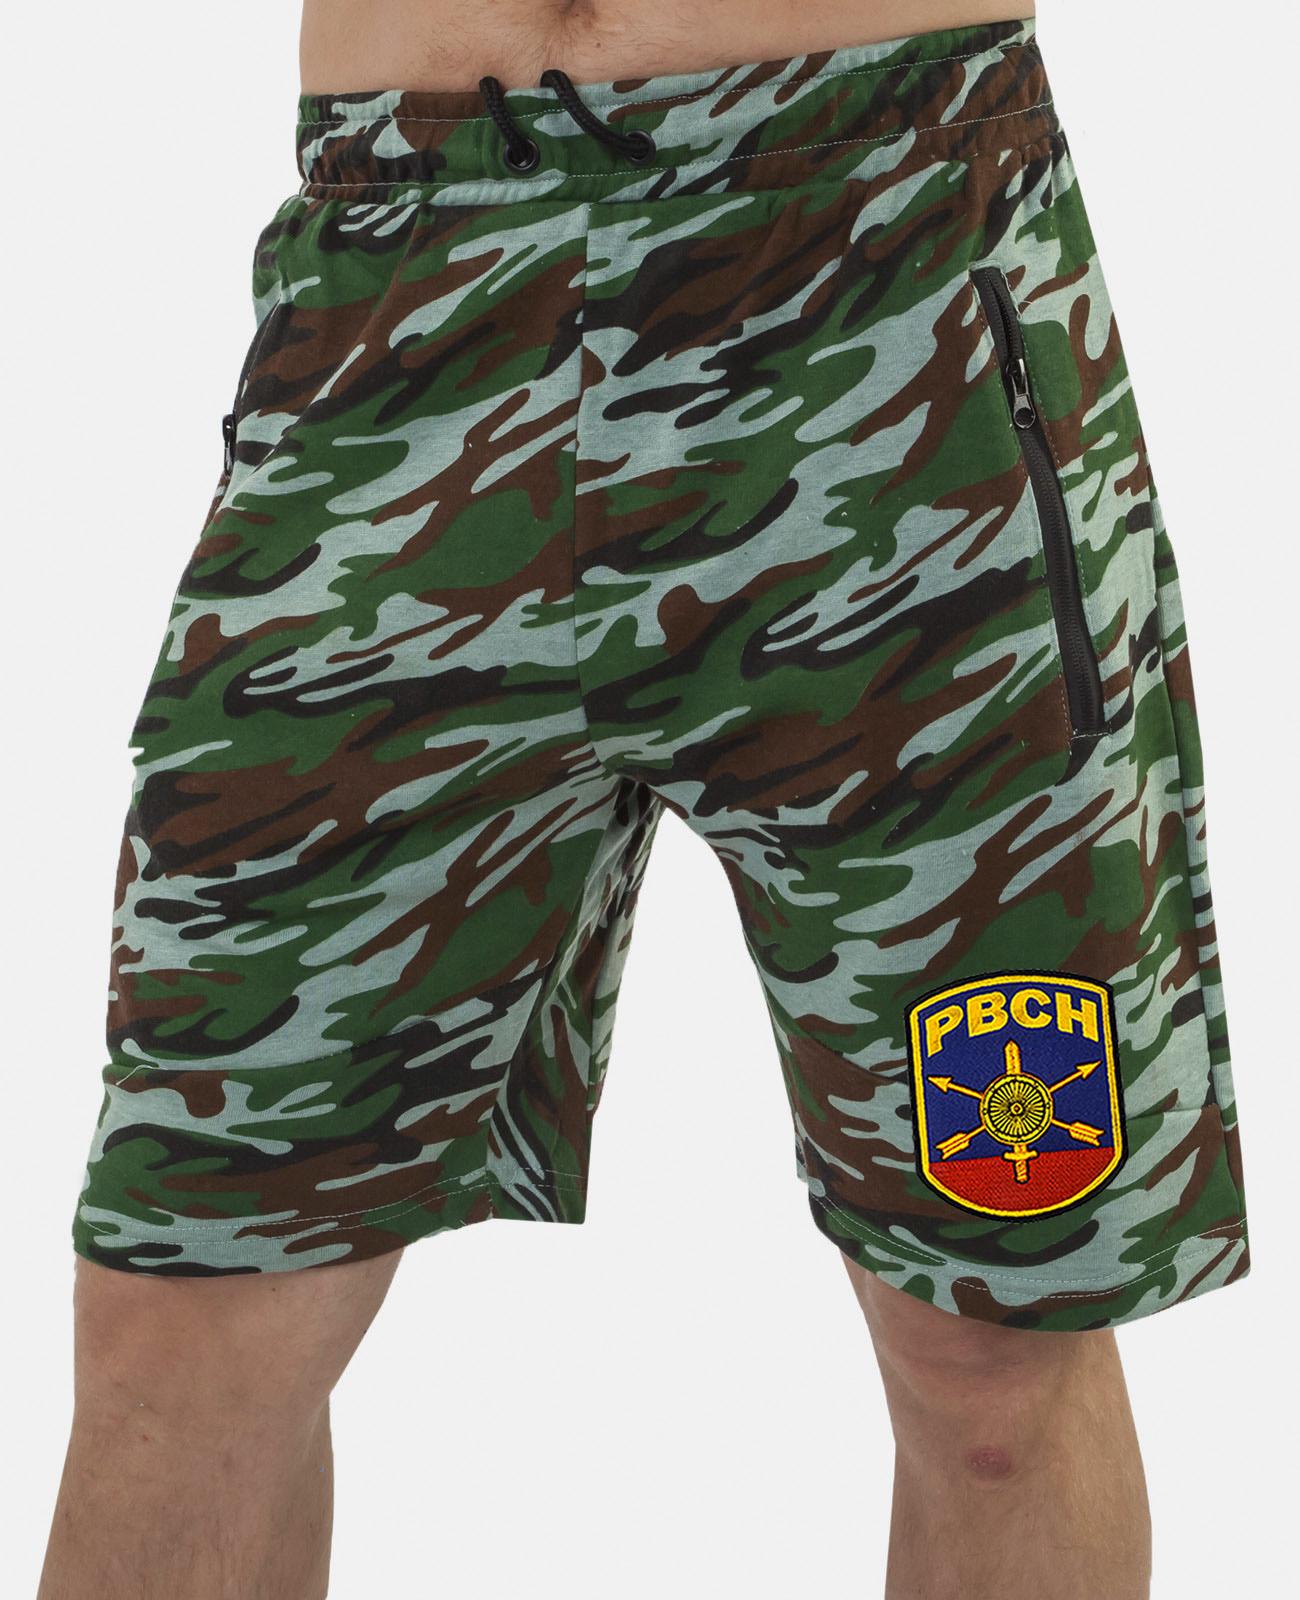 Купить надежные армейские шорты с карманами и нашивкой РВСН с доставкой онлайн